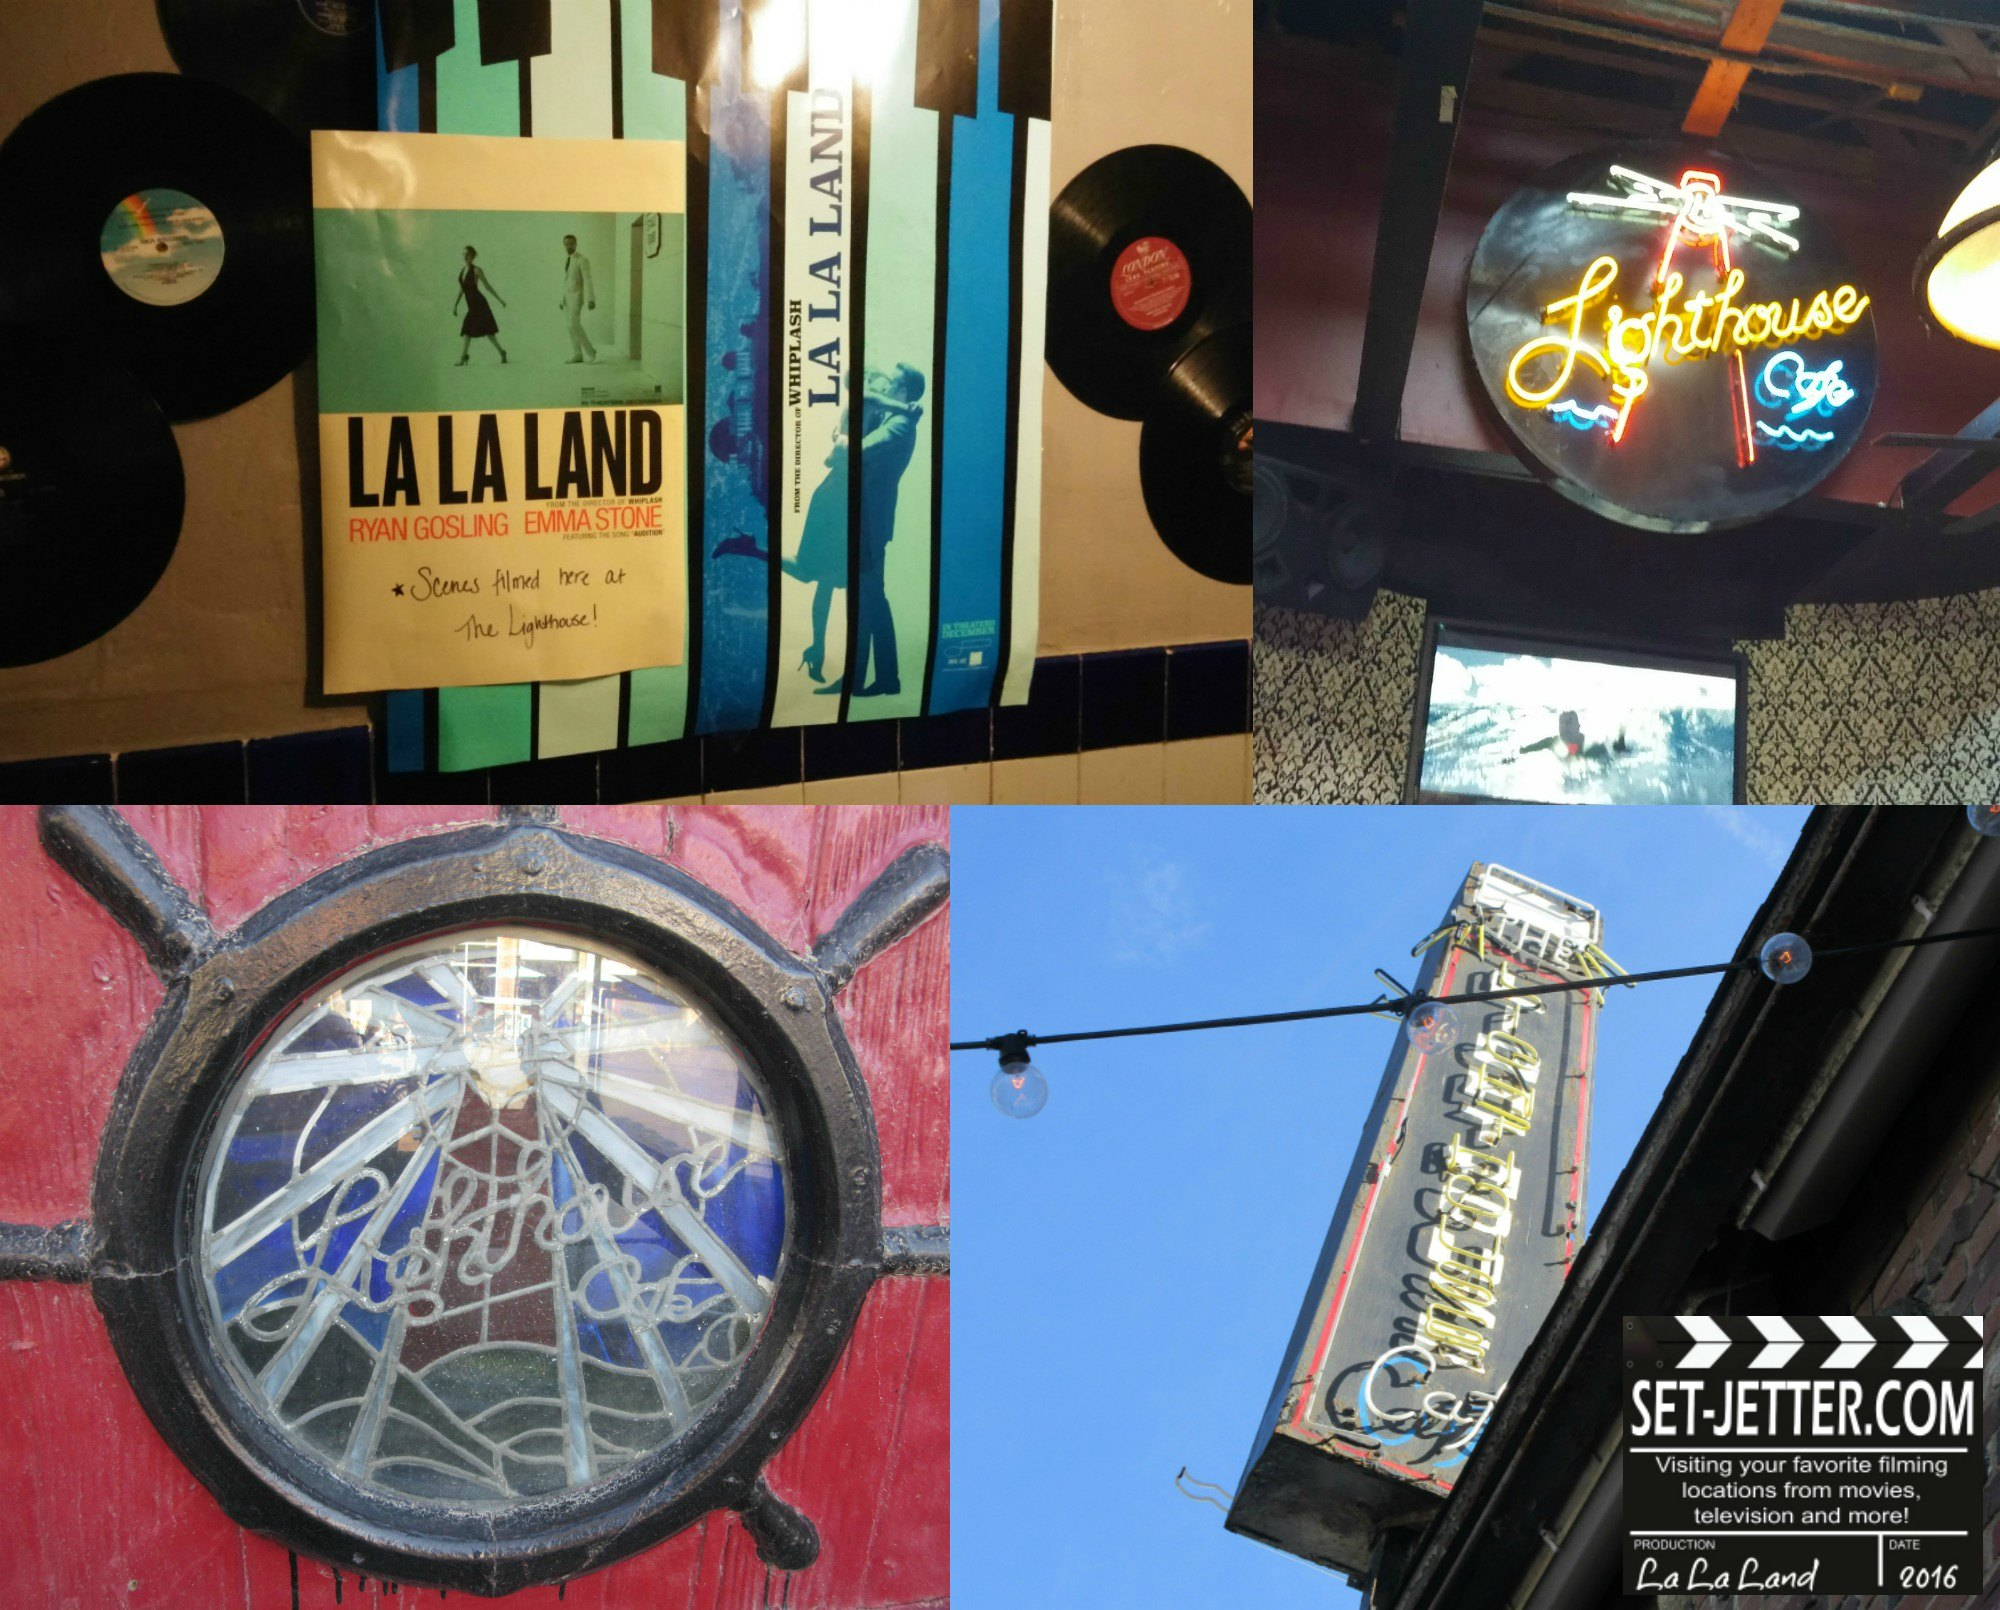 La La Land comparison 102.jpg